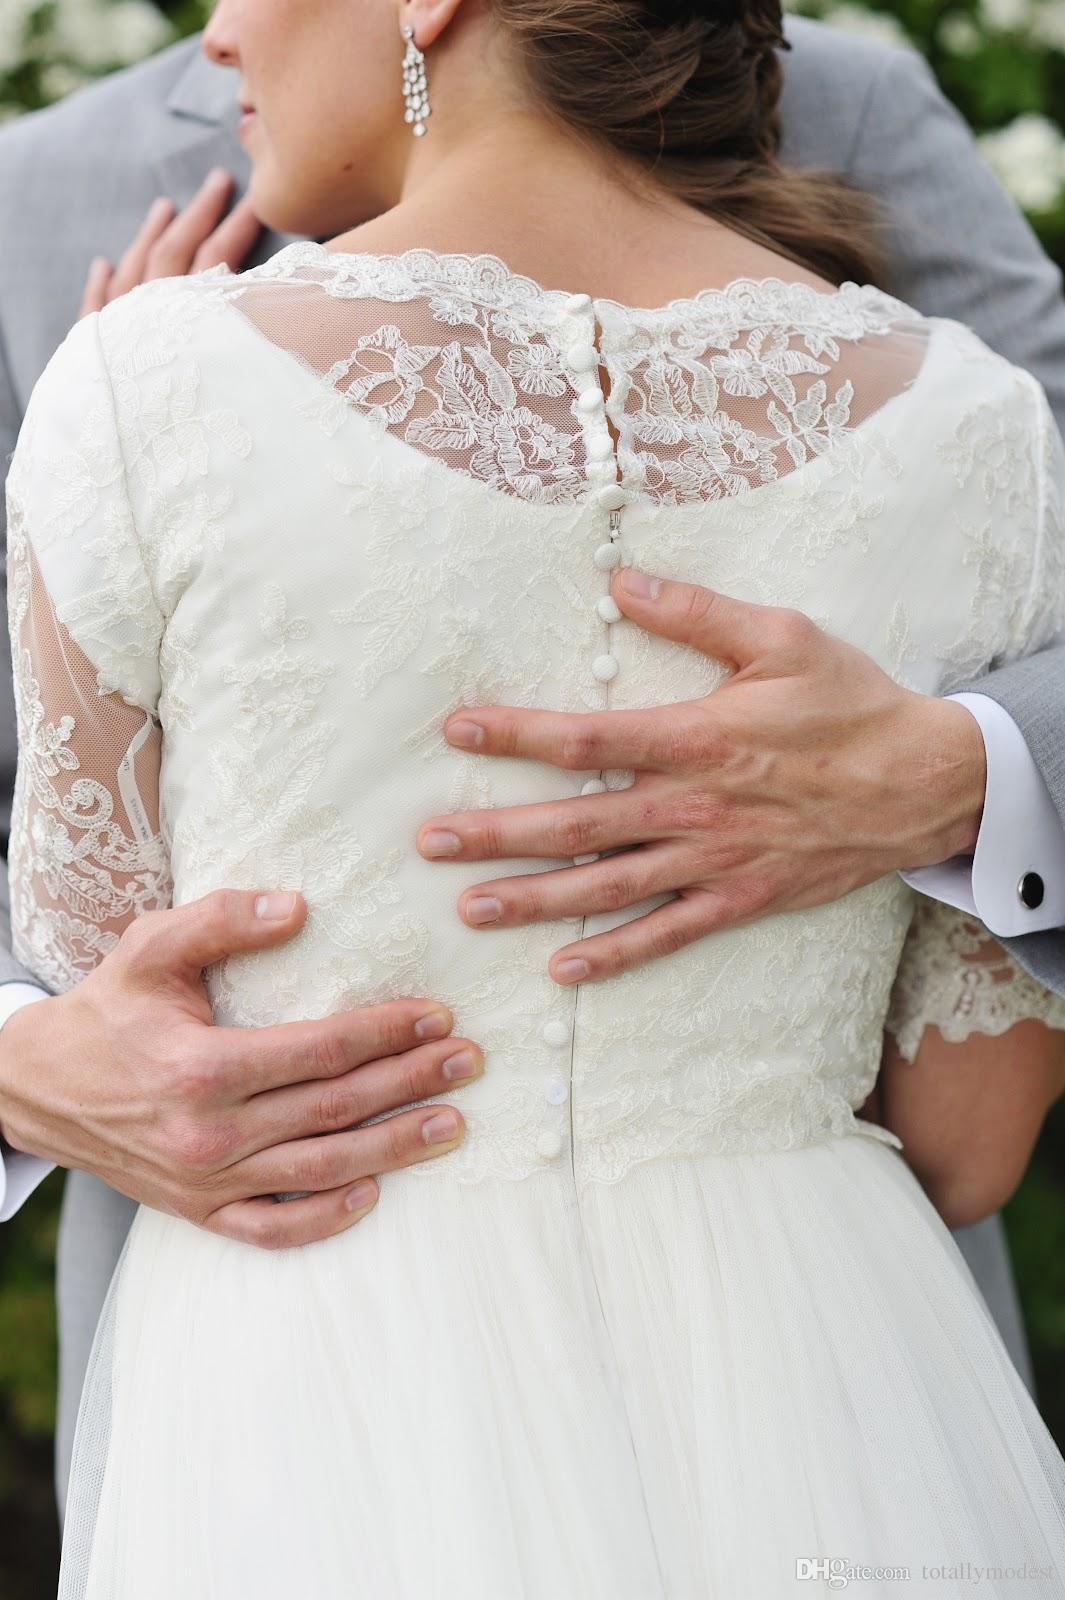 Una línea de encaje de playa de tul Vestidos de boda modestos Mangas cortas Barato Simple Jardín de verano Recepción informal Vestidos de novia Novia madura